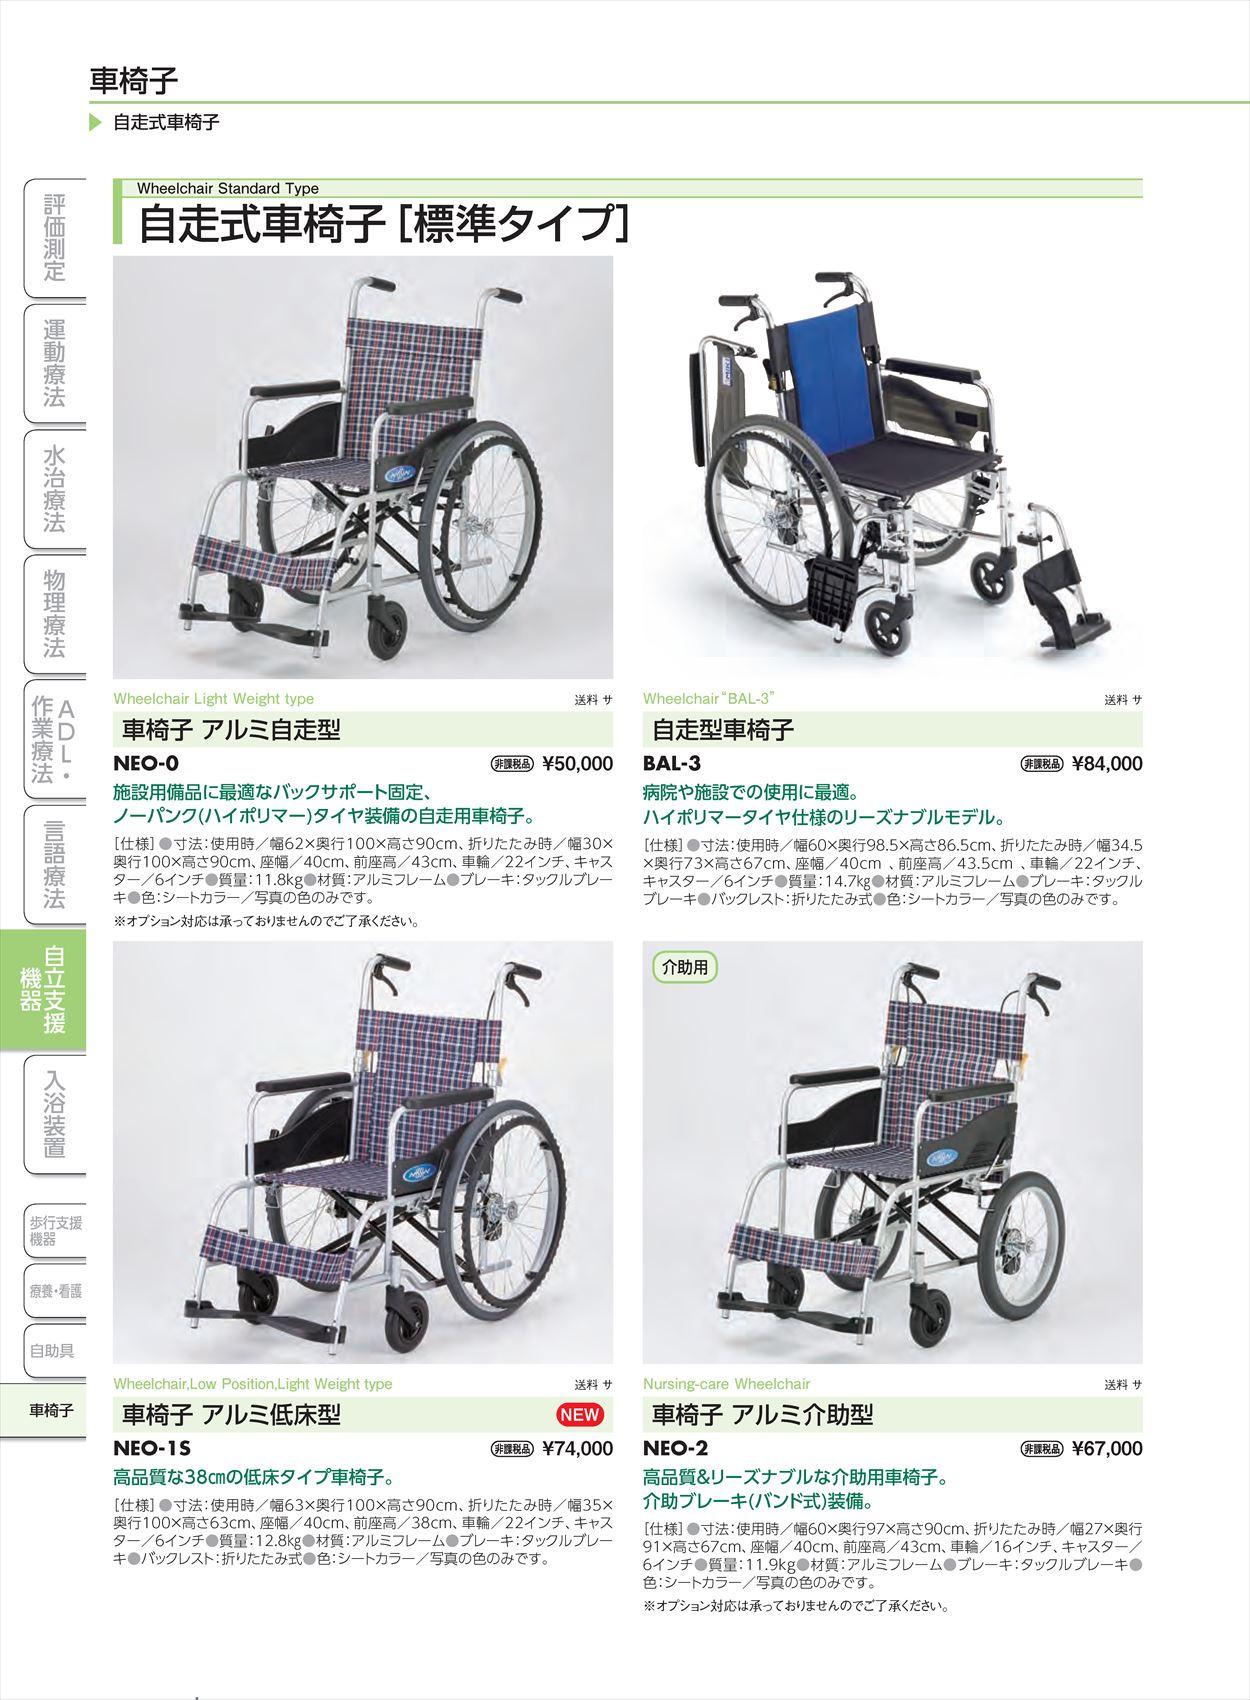 車椅子 アルミ低床型NEO-1S[台](sa14Q36638)【酒井医療】